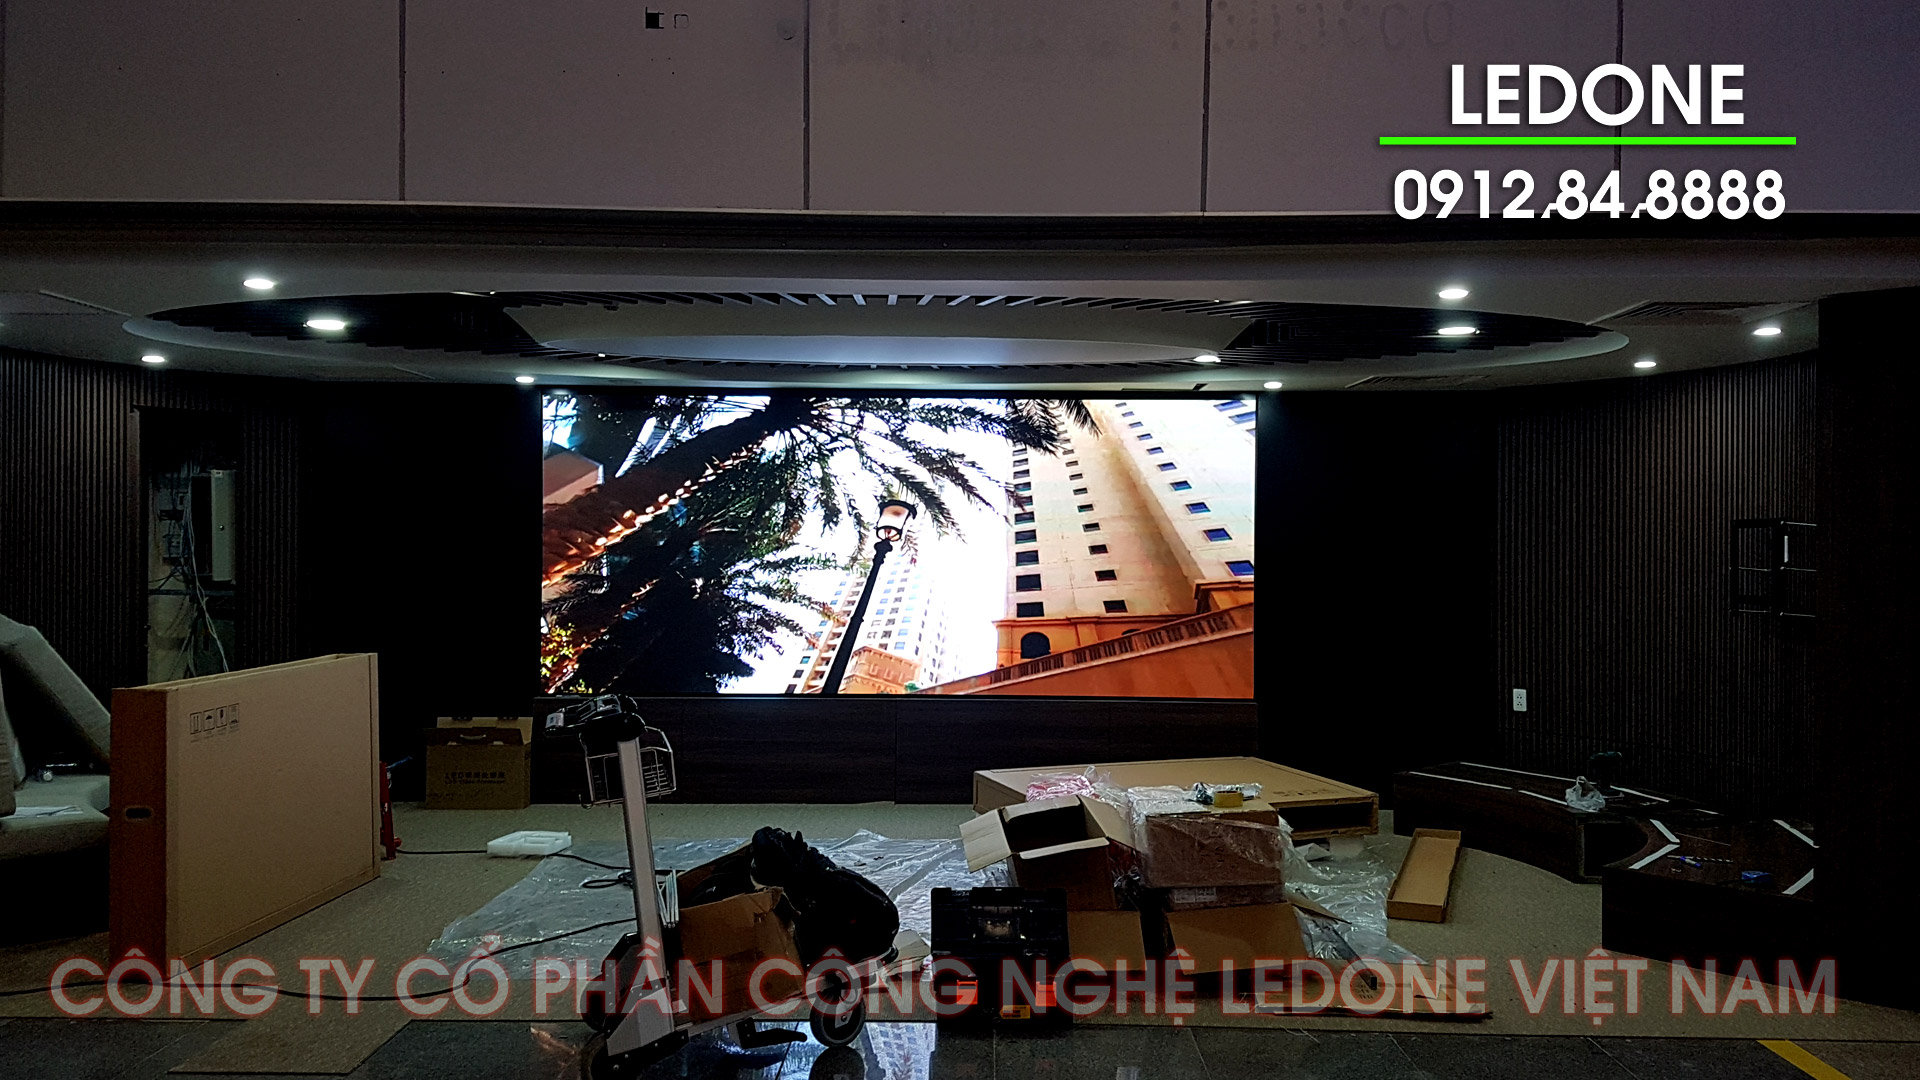 Màn hình led P3 trong nhà sản phẩm màn hình LED trong nhà có độ nét cao, giá thành phù hợp với mọi đối tượng